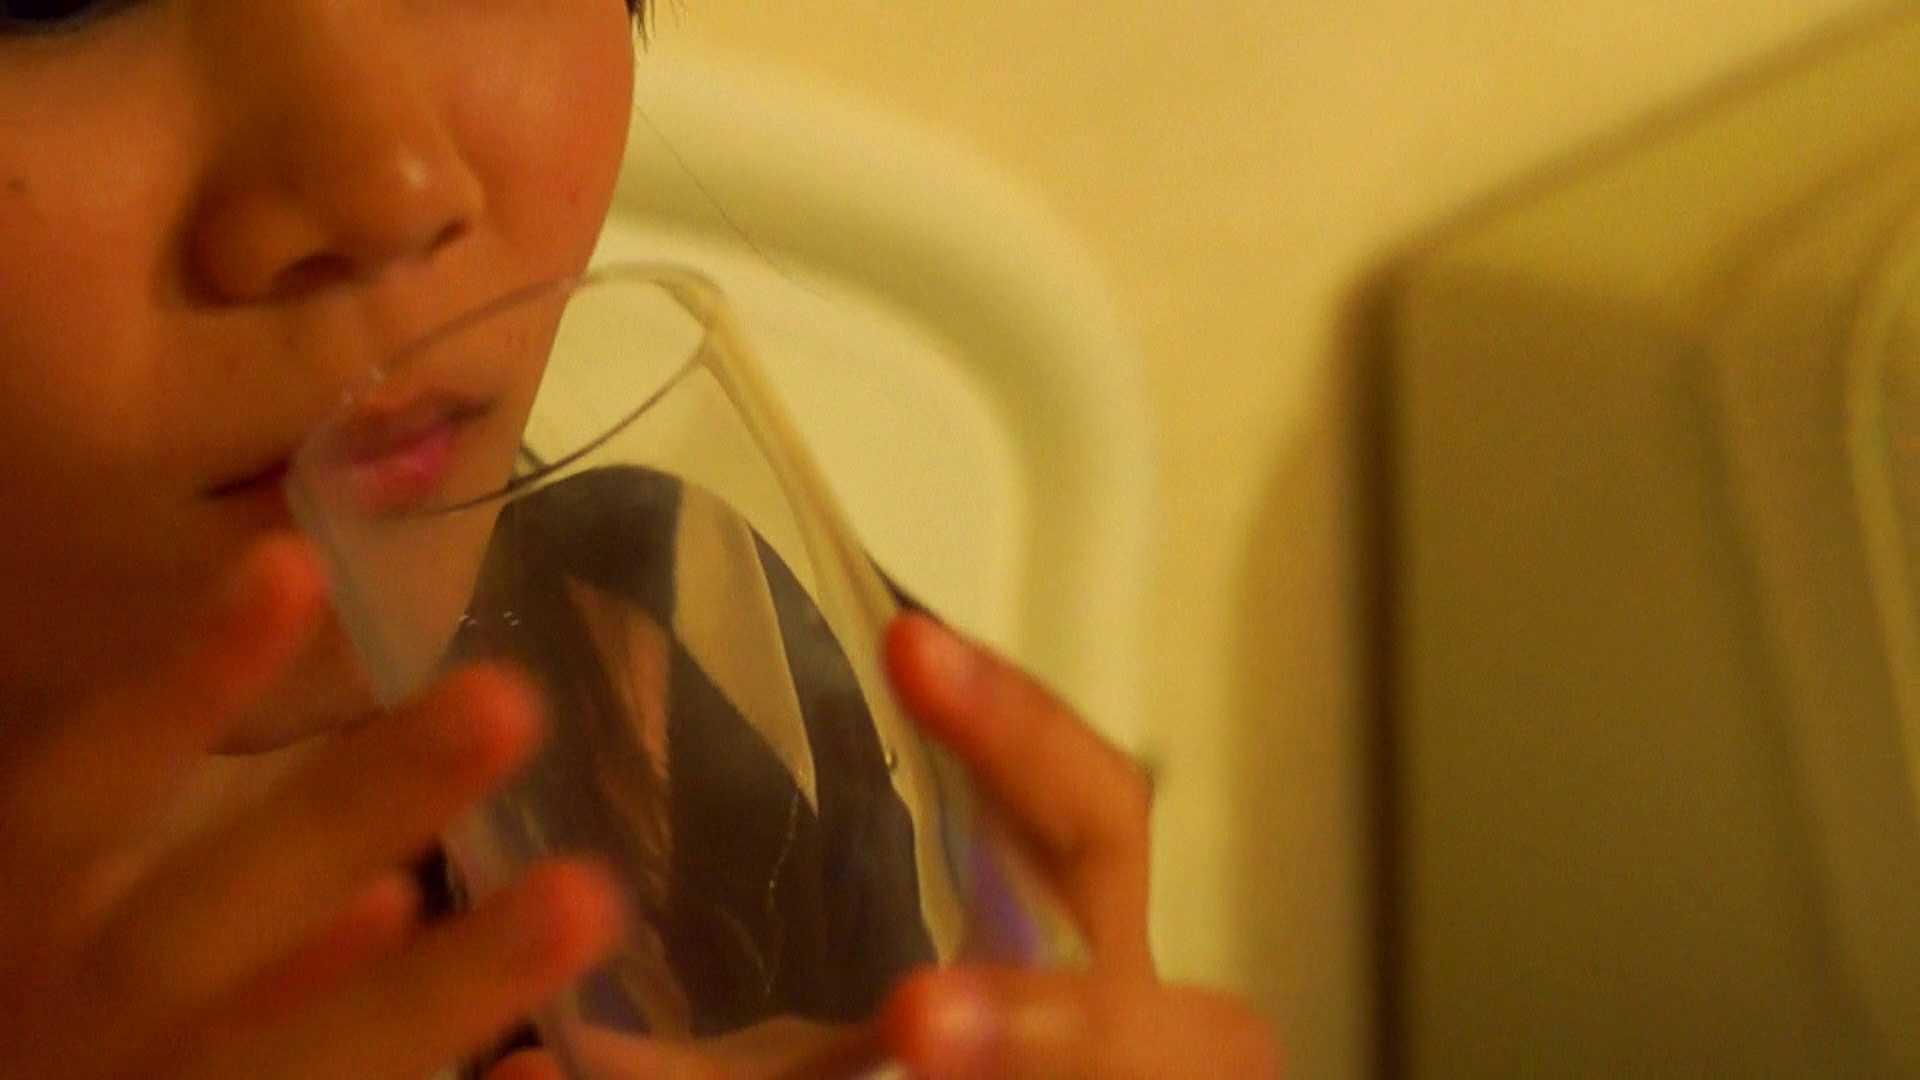 vol.12 瑞希ちゃんにコップを舐めてもらいました。 OLのエロ生活  81連発 74